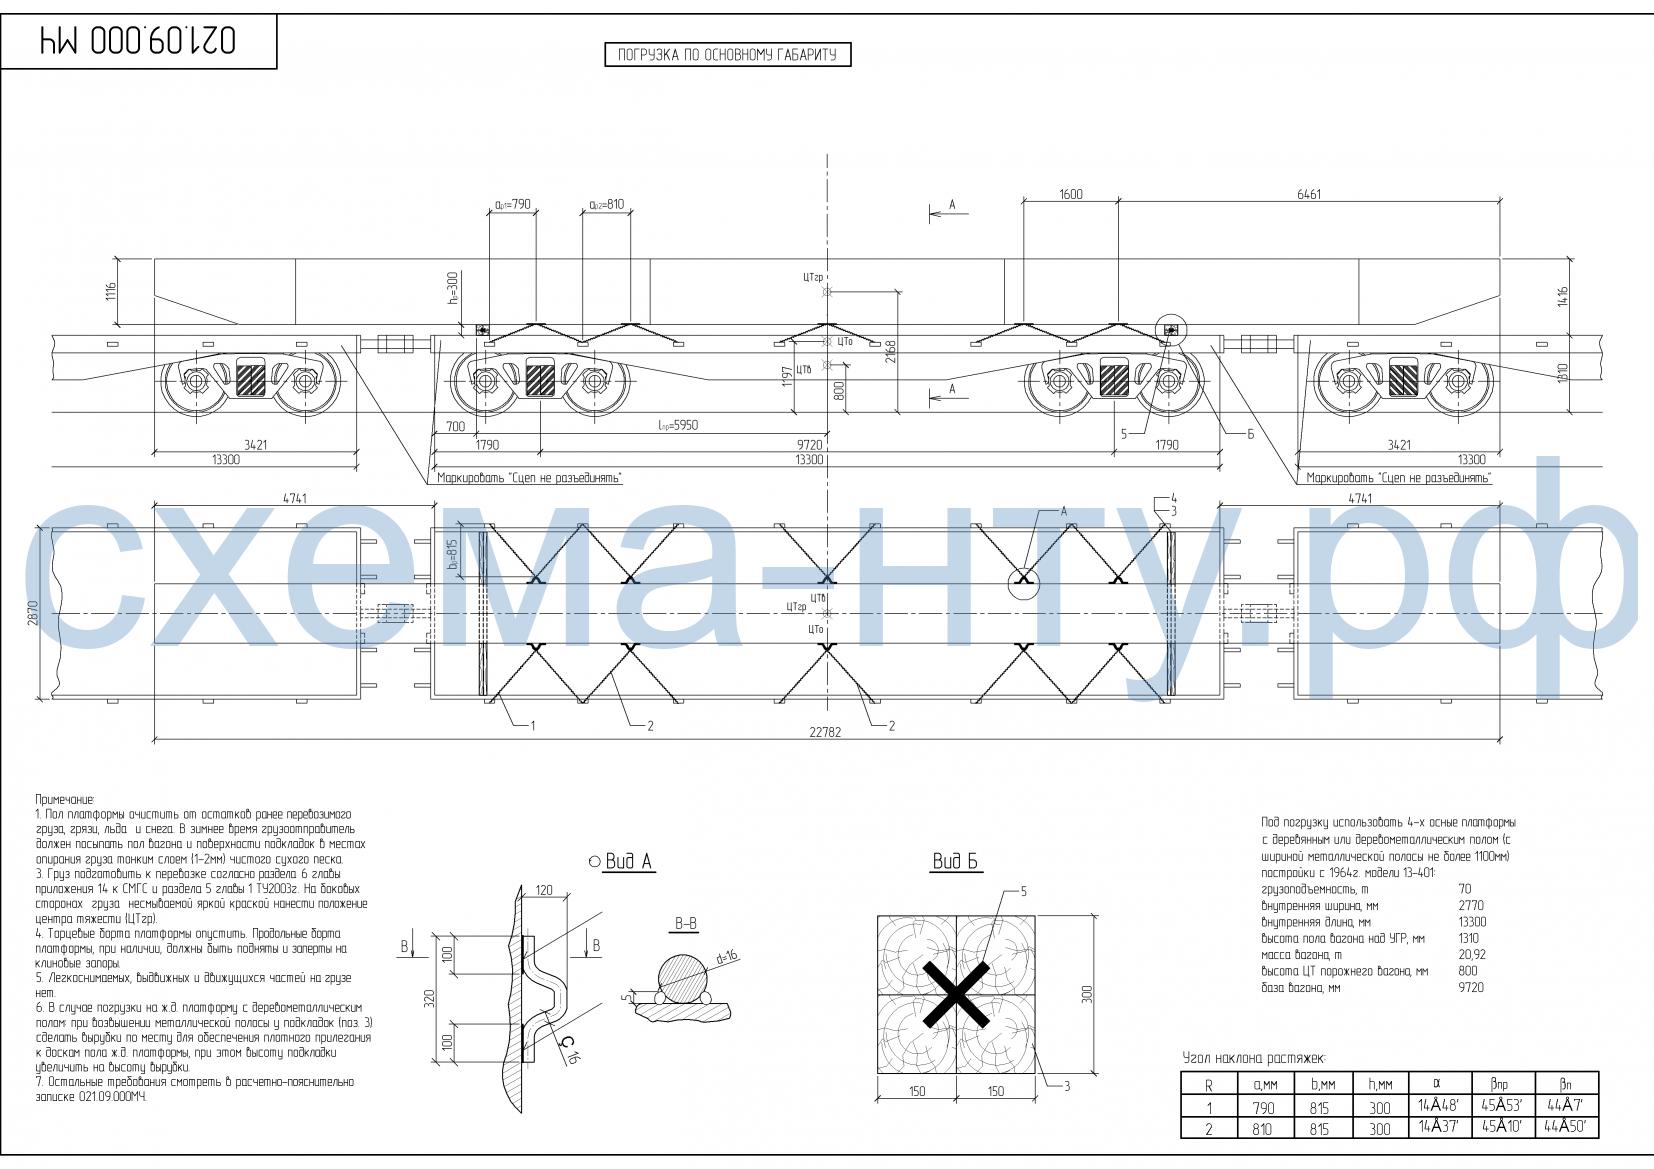 Схема погрузки длинномерного груза - чертеж НТУ